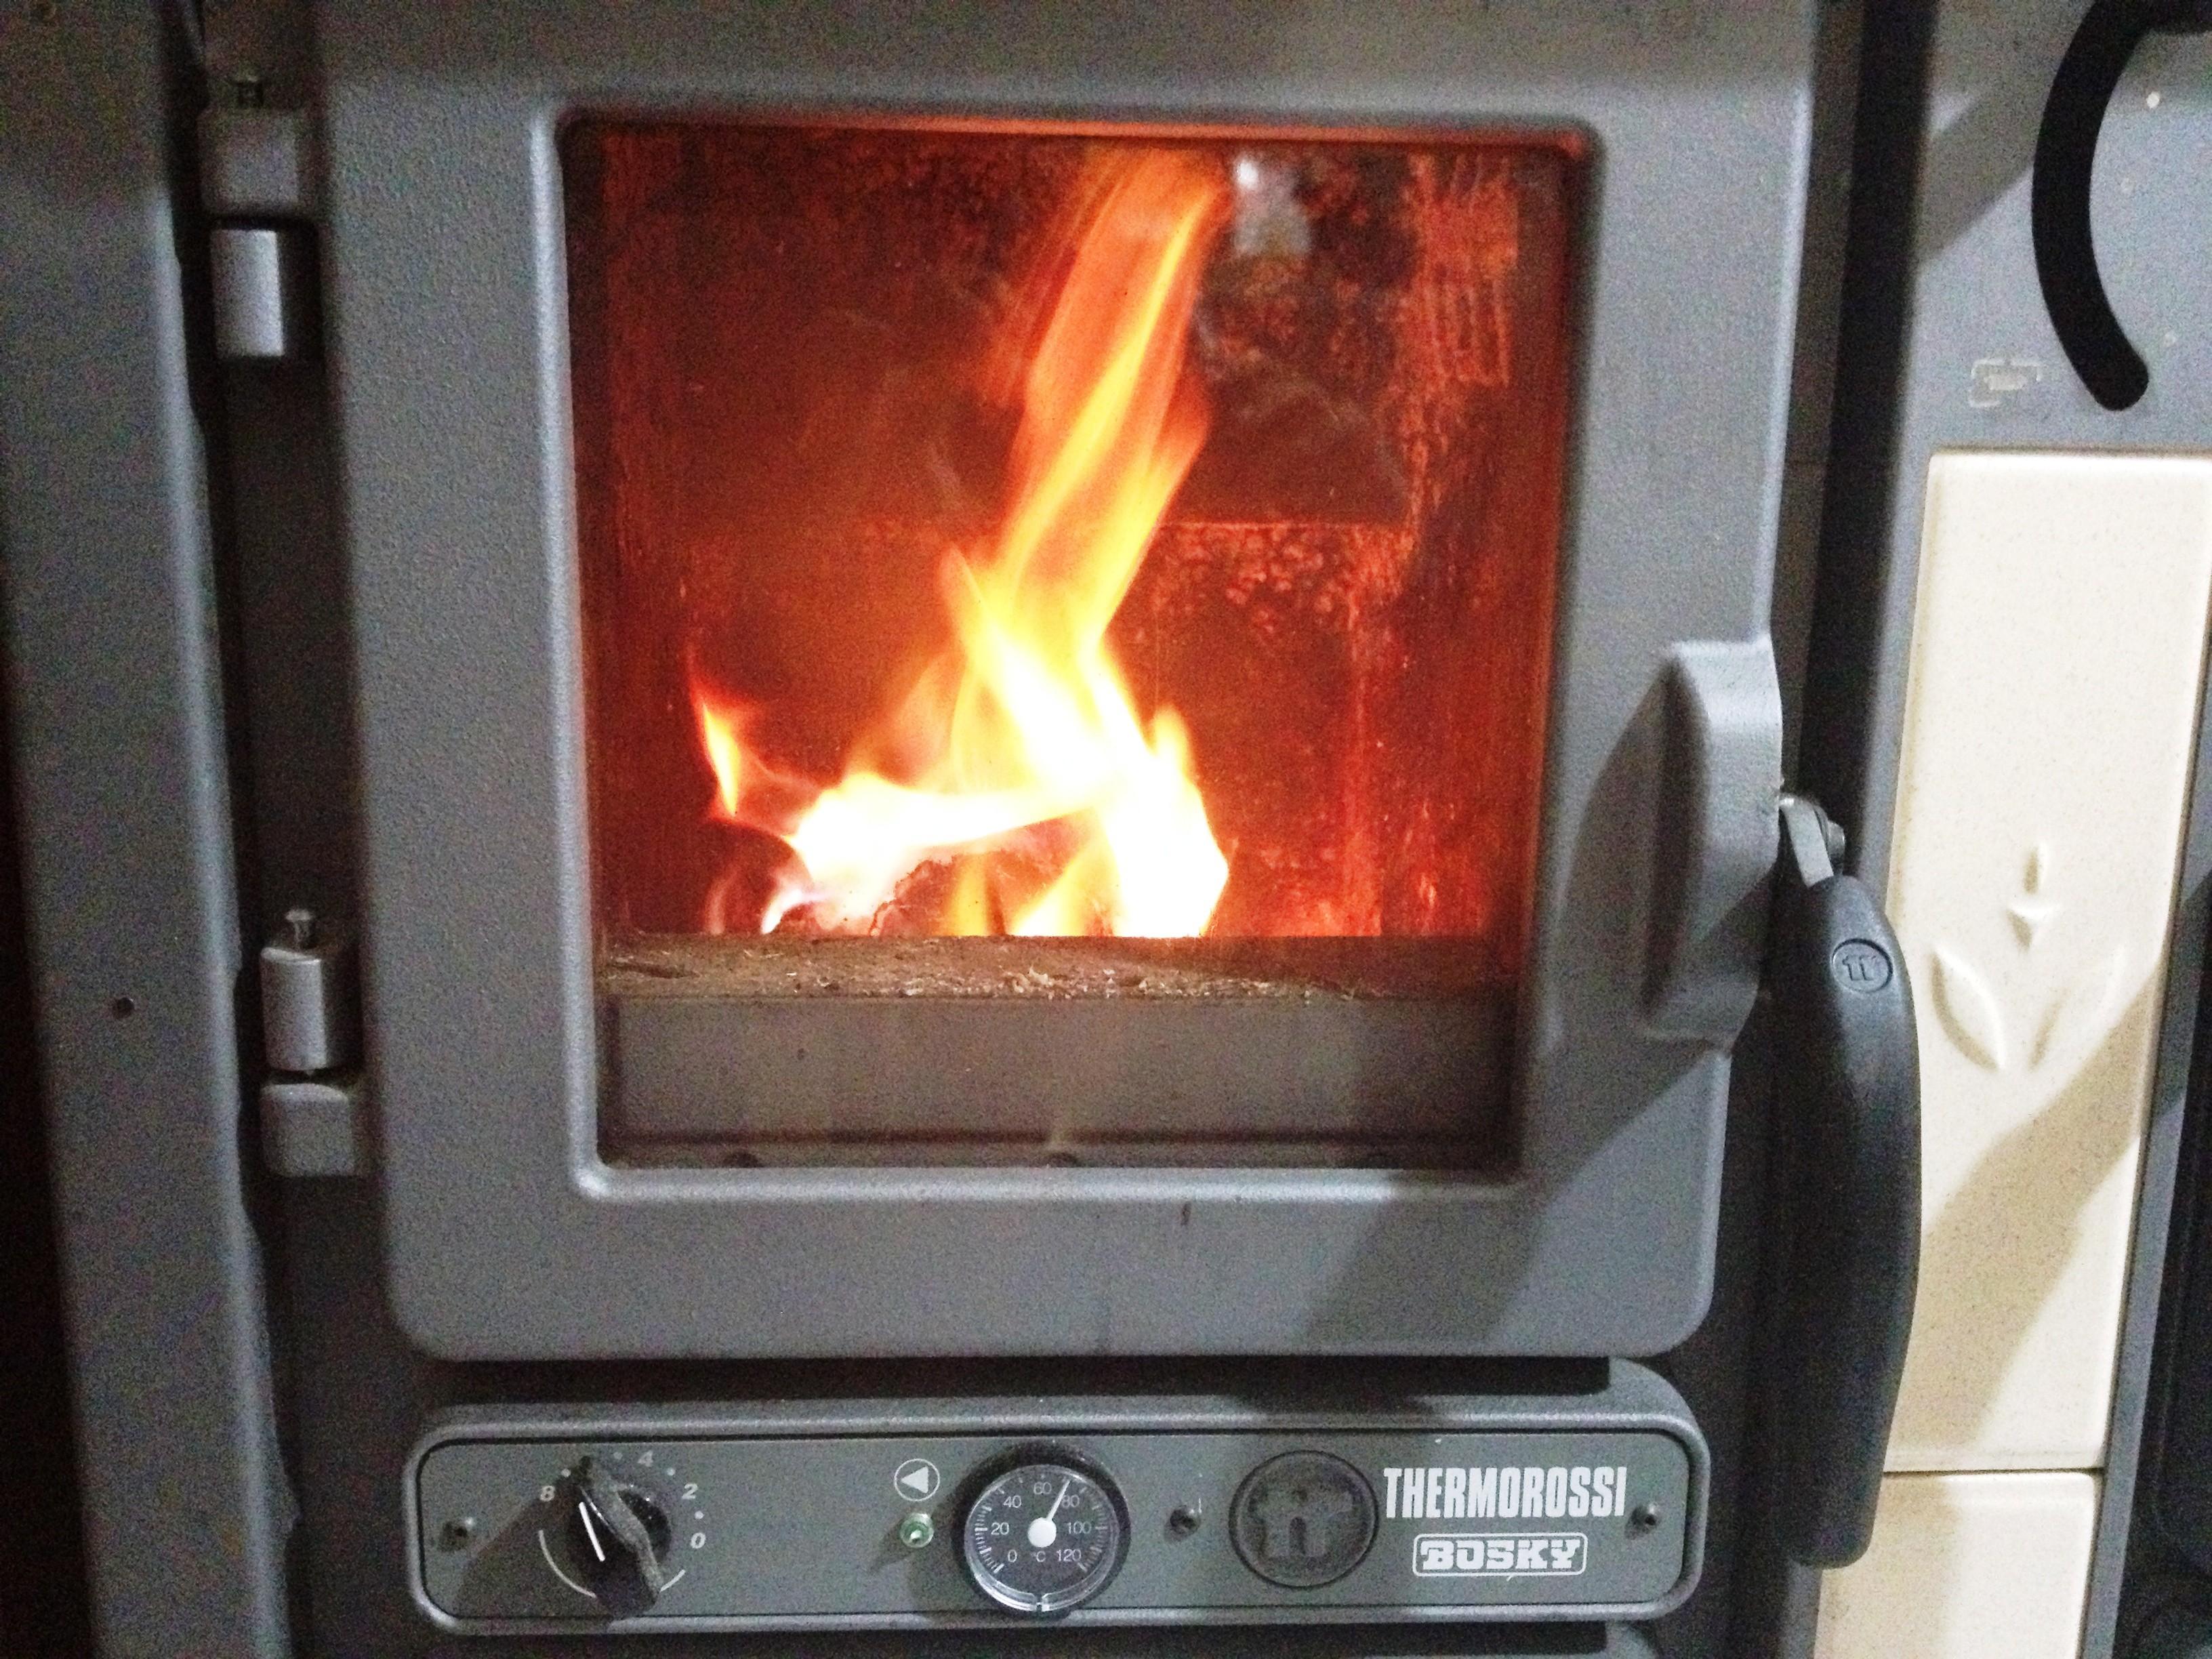 Termostufa a legna thermorossi bosky country f30 video - Termocucina a pellet prezzi ...